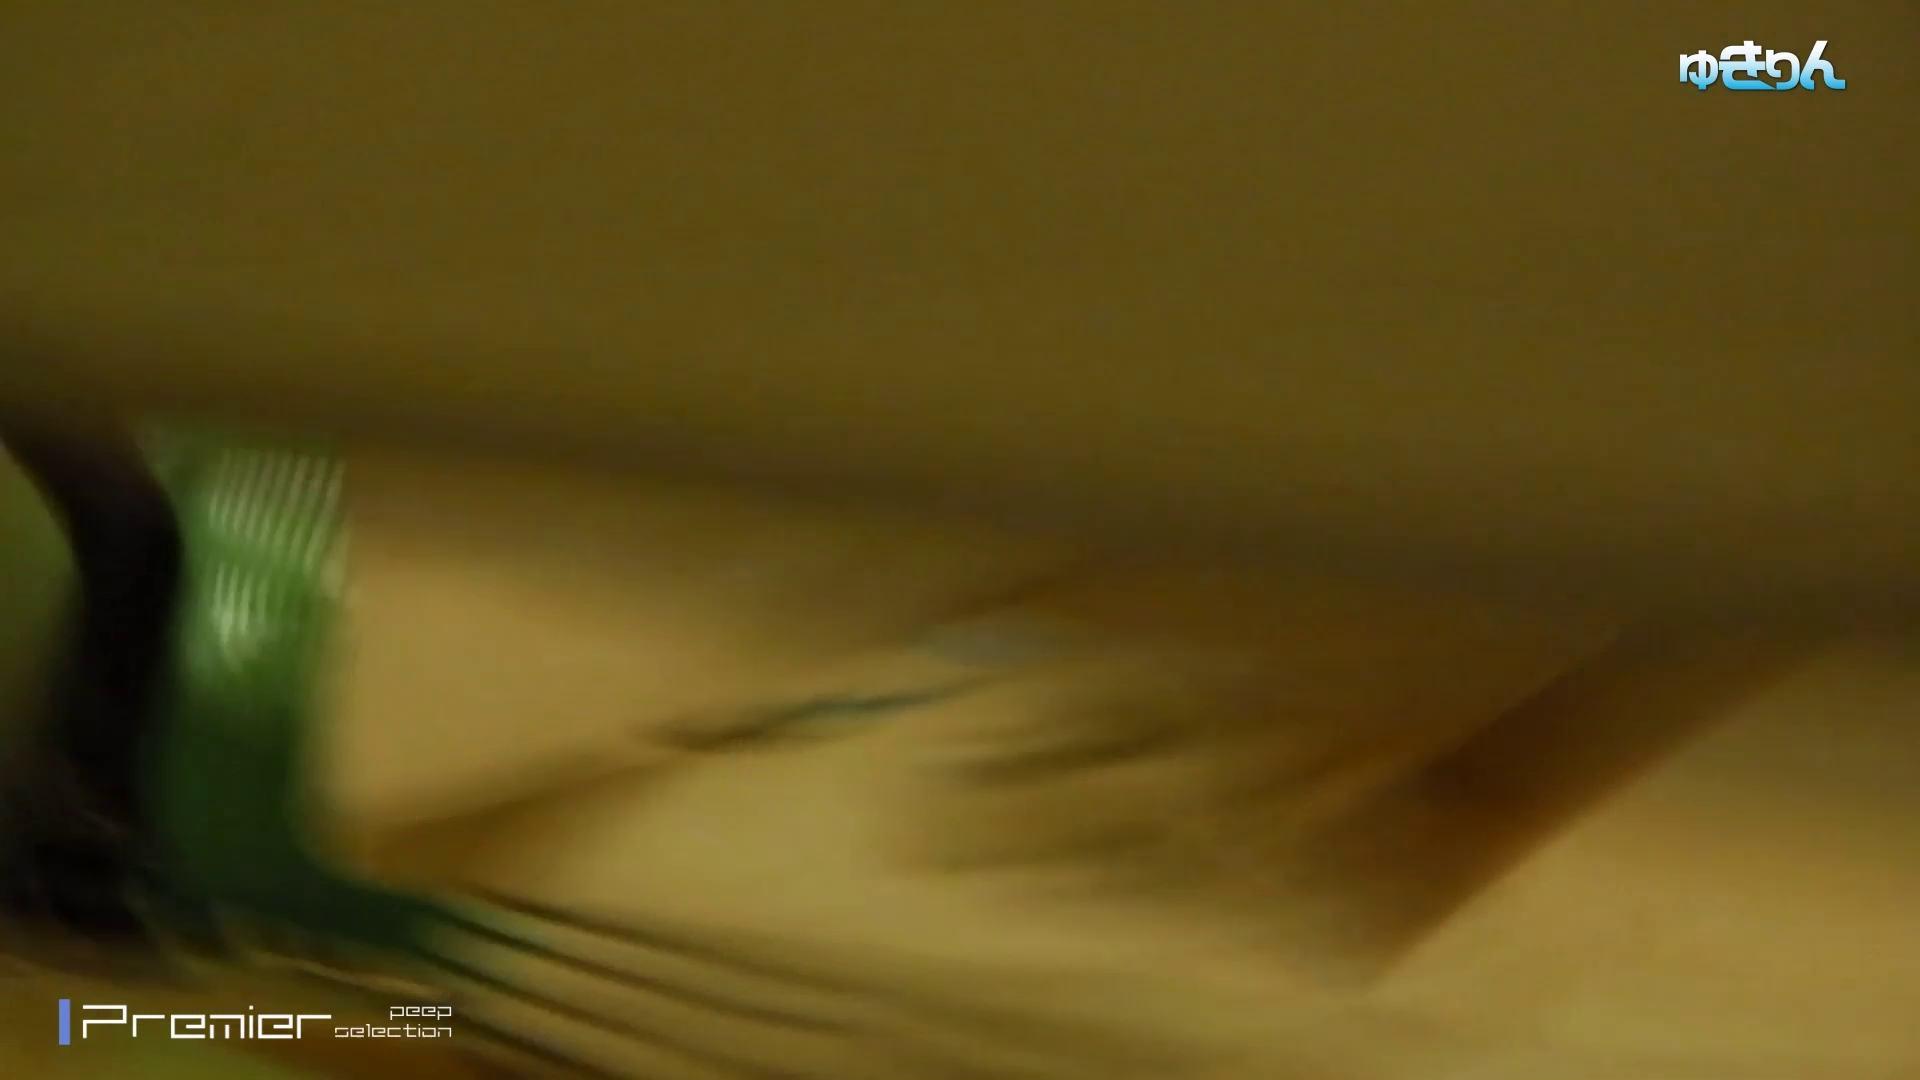 新世界の射窓 No88 必見スニーカーで壁を超える長身!!美女3人 美女達のヌード   洗面所着替え  51連発 27